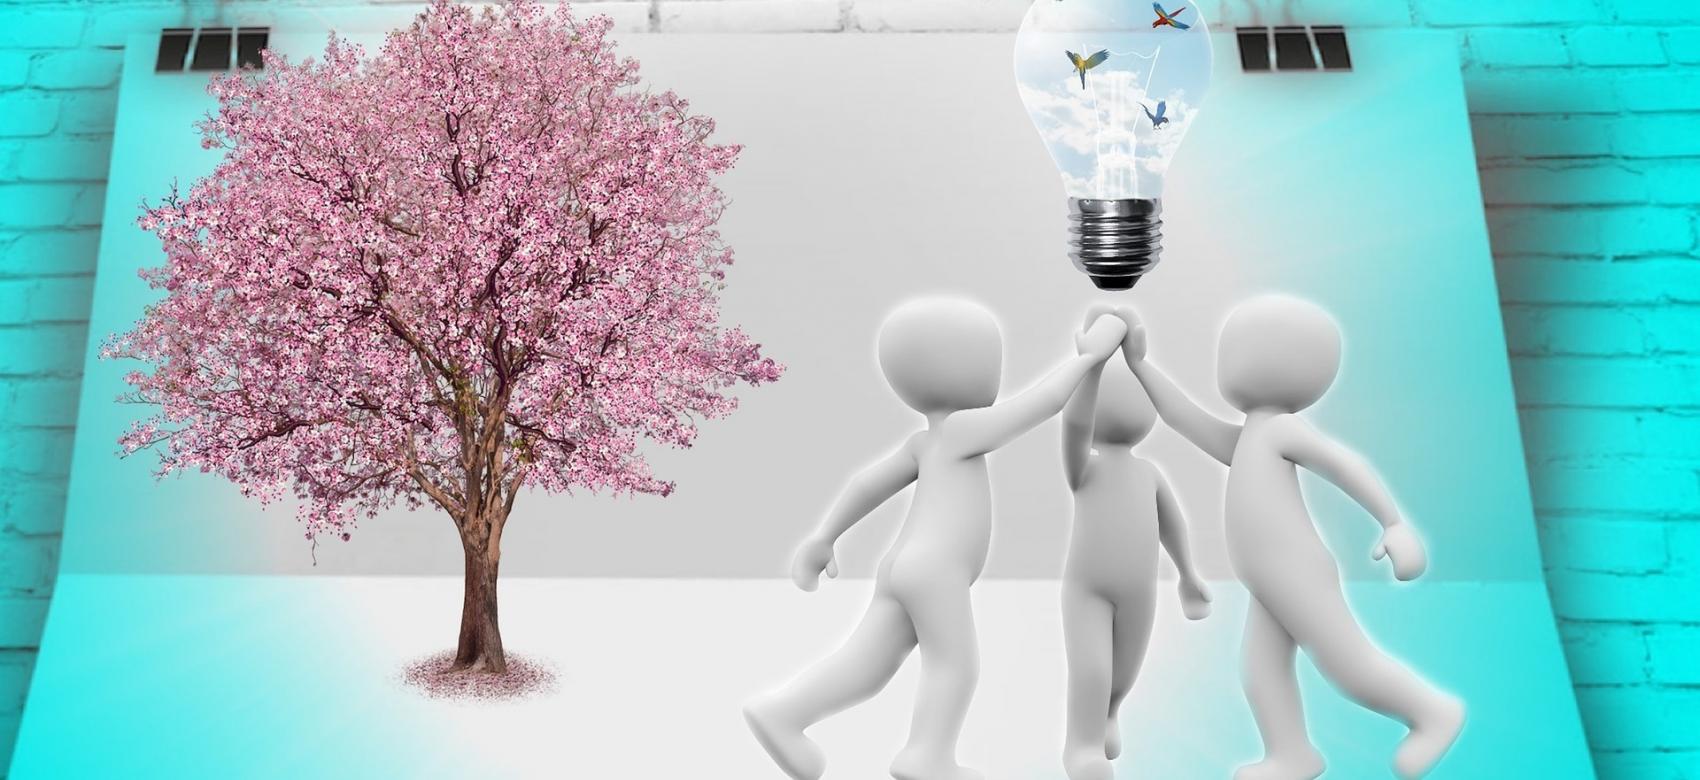 Grupo de tres figuras sin rostro unidos bajo una bombilla que simboliza una idea